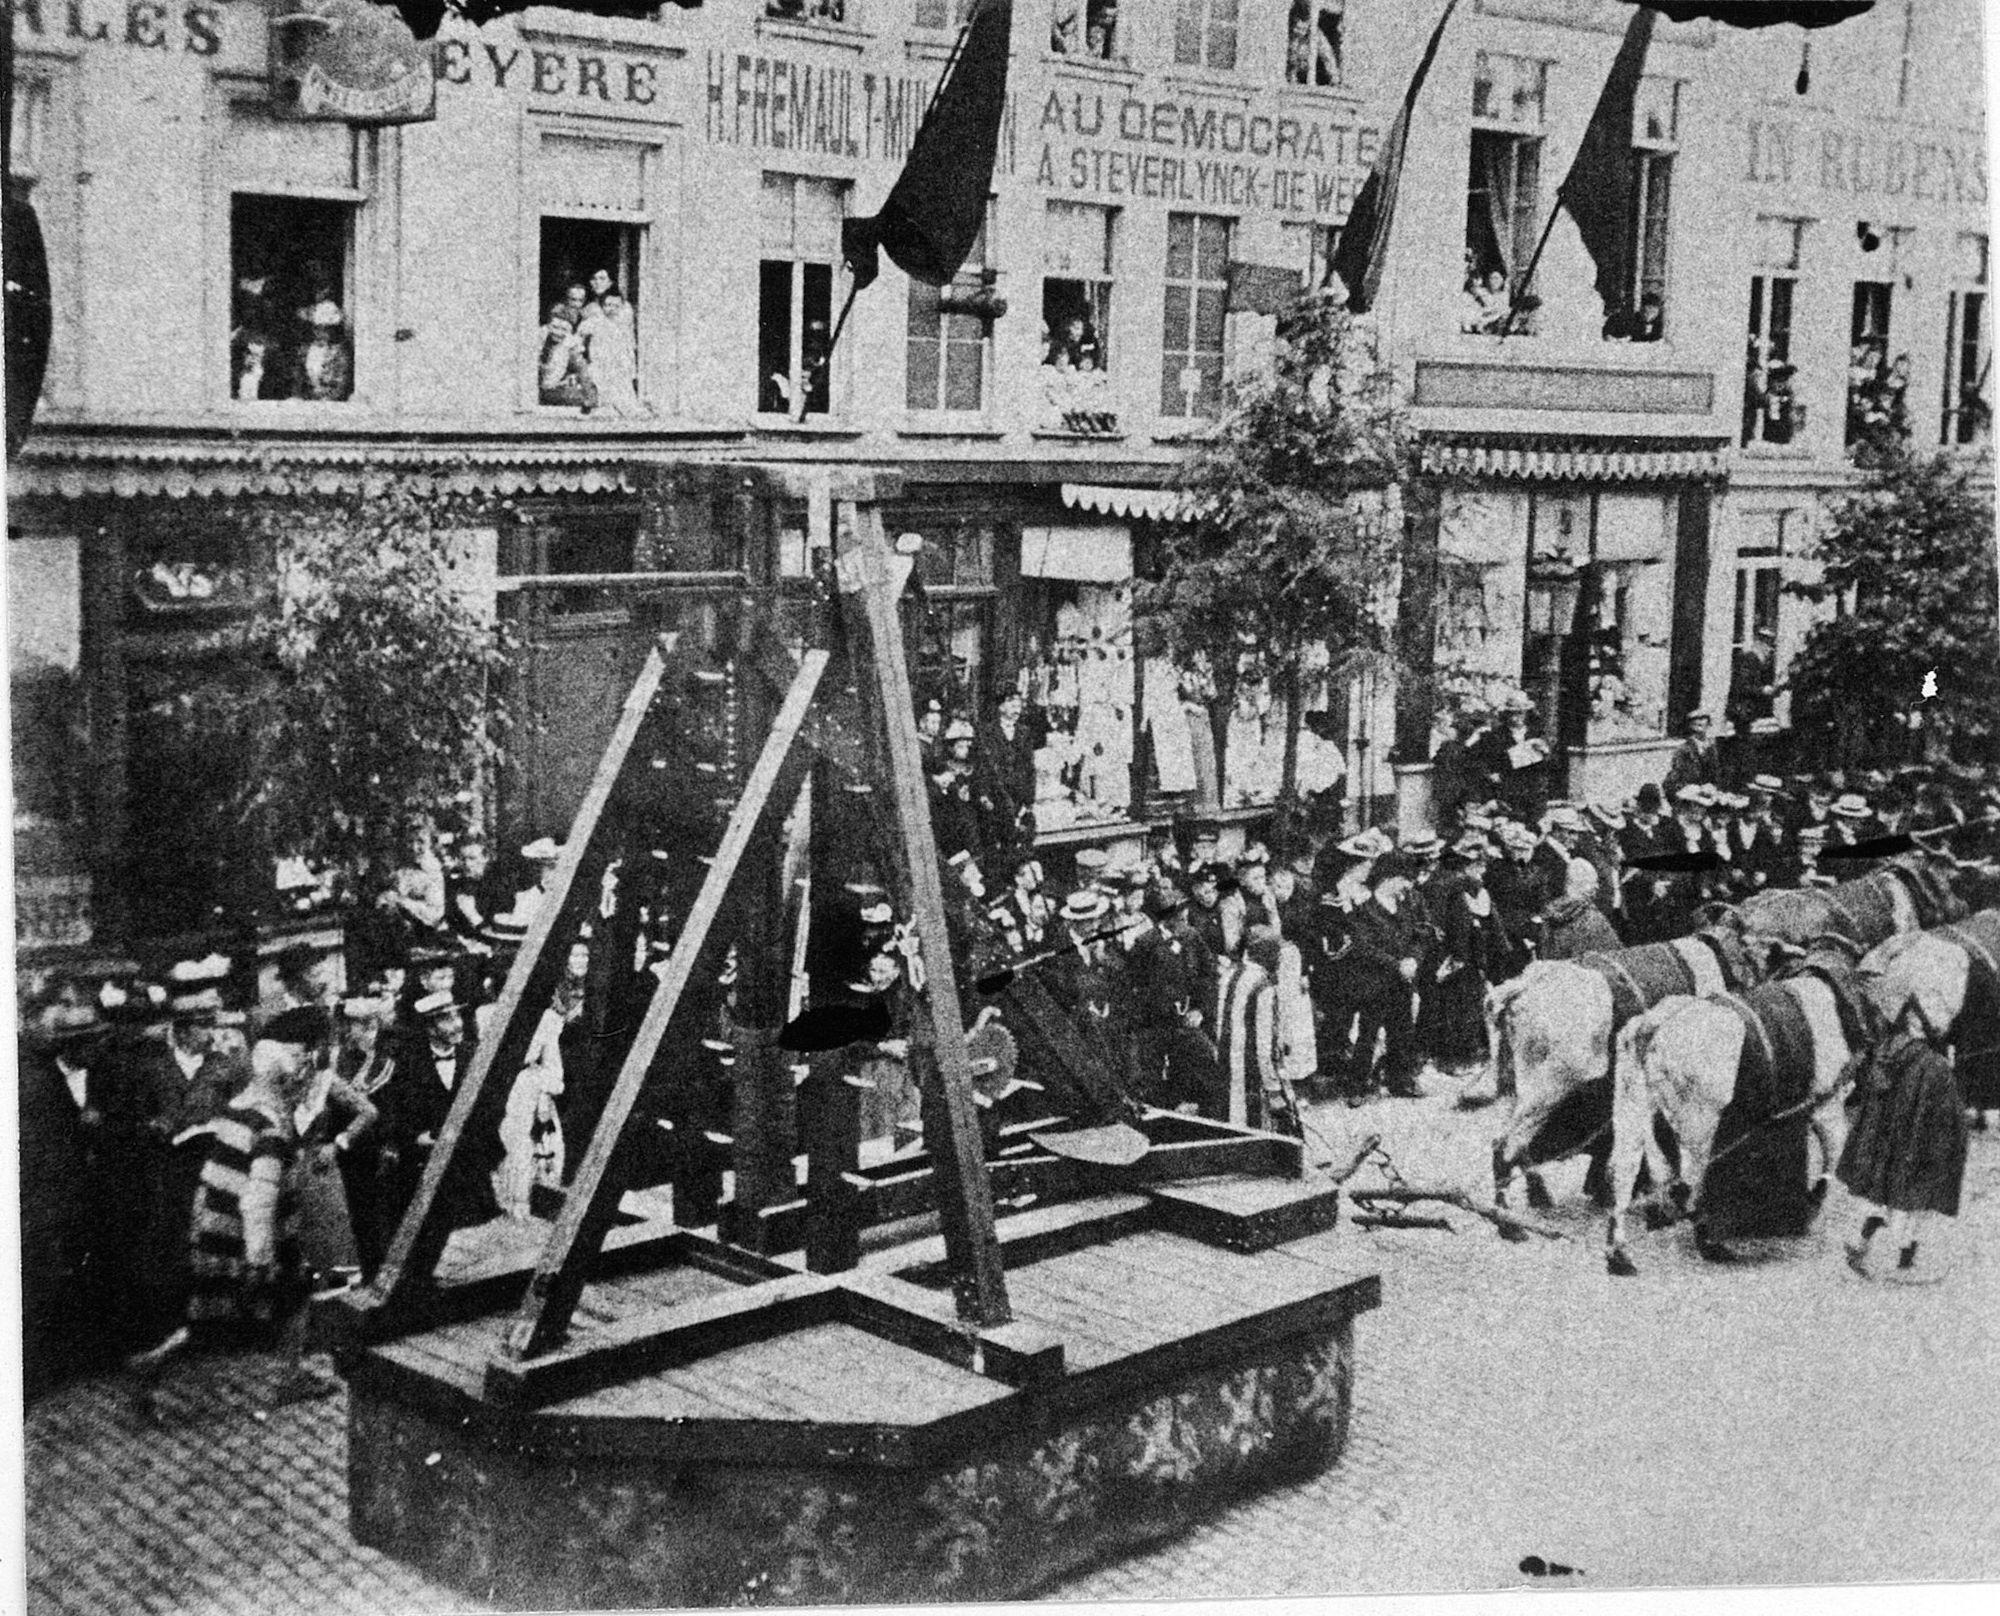 Guldensporenfeesten 1903